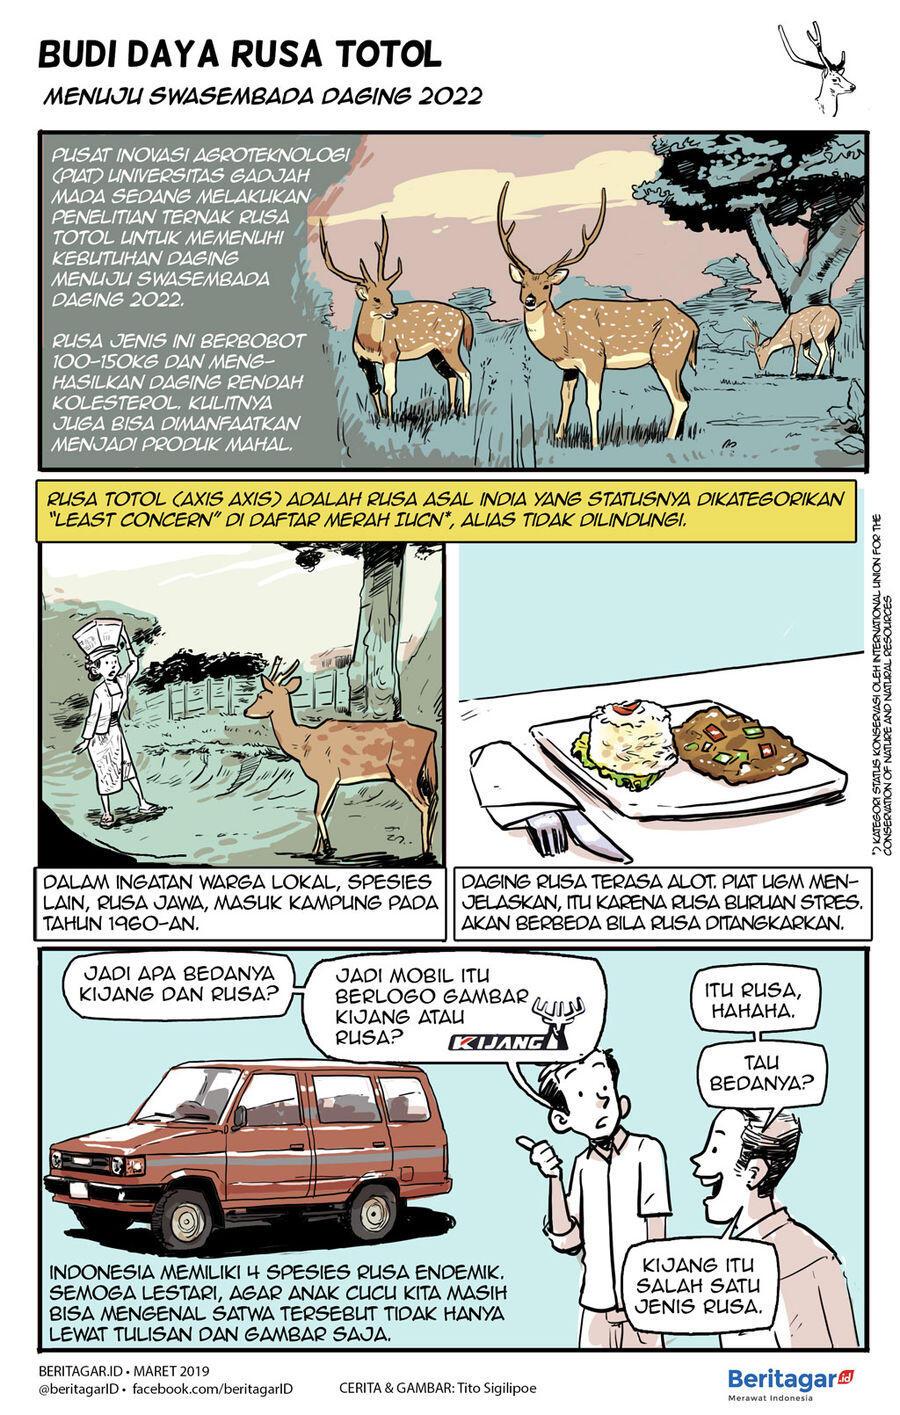 Swasembaga daging: Makanlah sate dan burger rusa